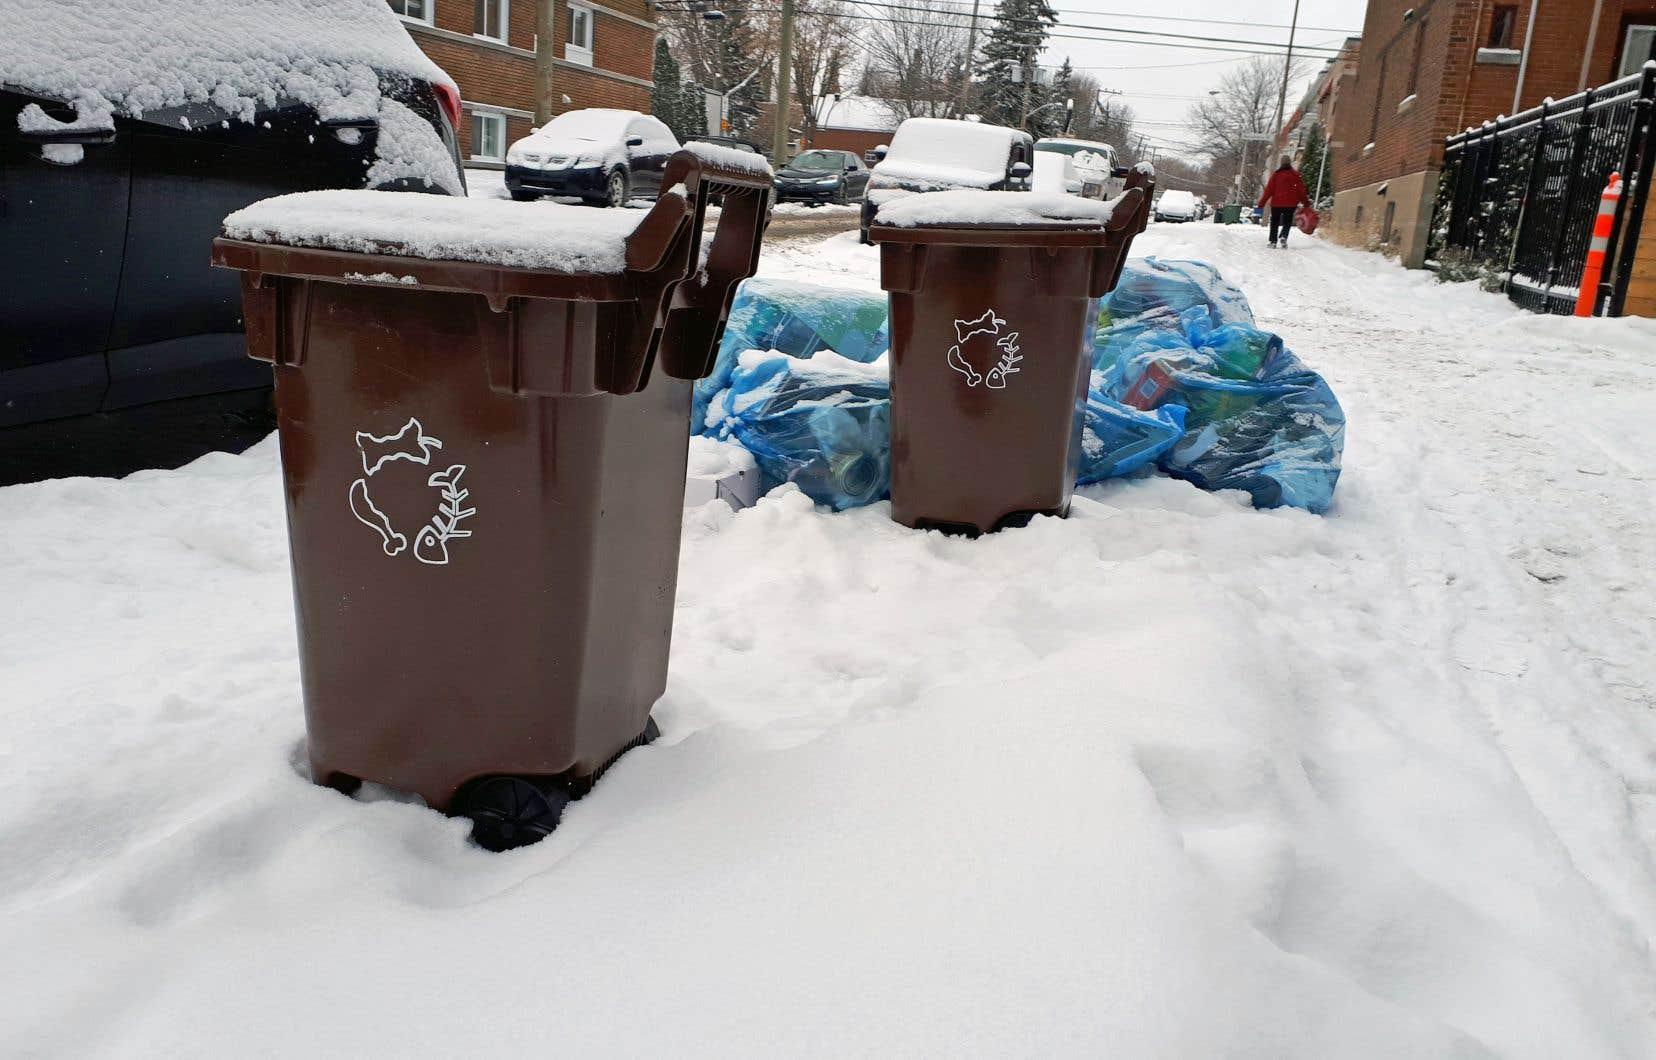 La Ville de Montréal a décidé, la semaine dernière, d'accorder un contrat de 175millions à l'entreprise Suez Canada Waste Services pour la construction d'un centre de compostage dans Saint-Laurent.